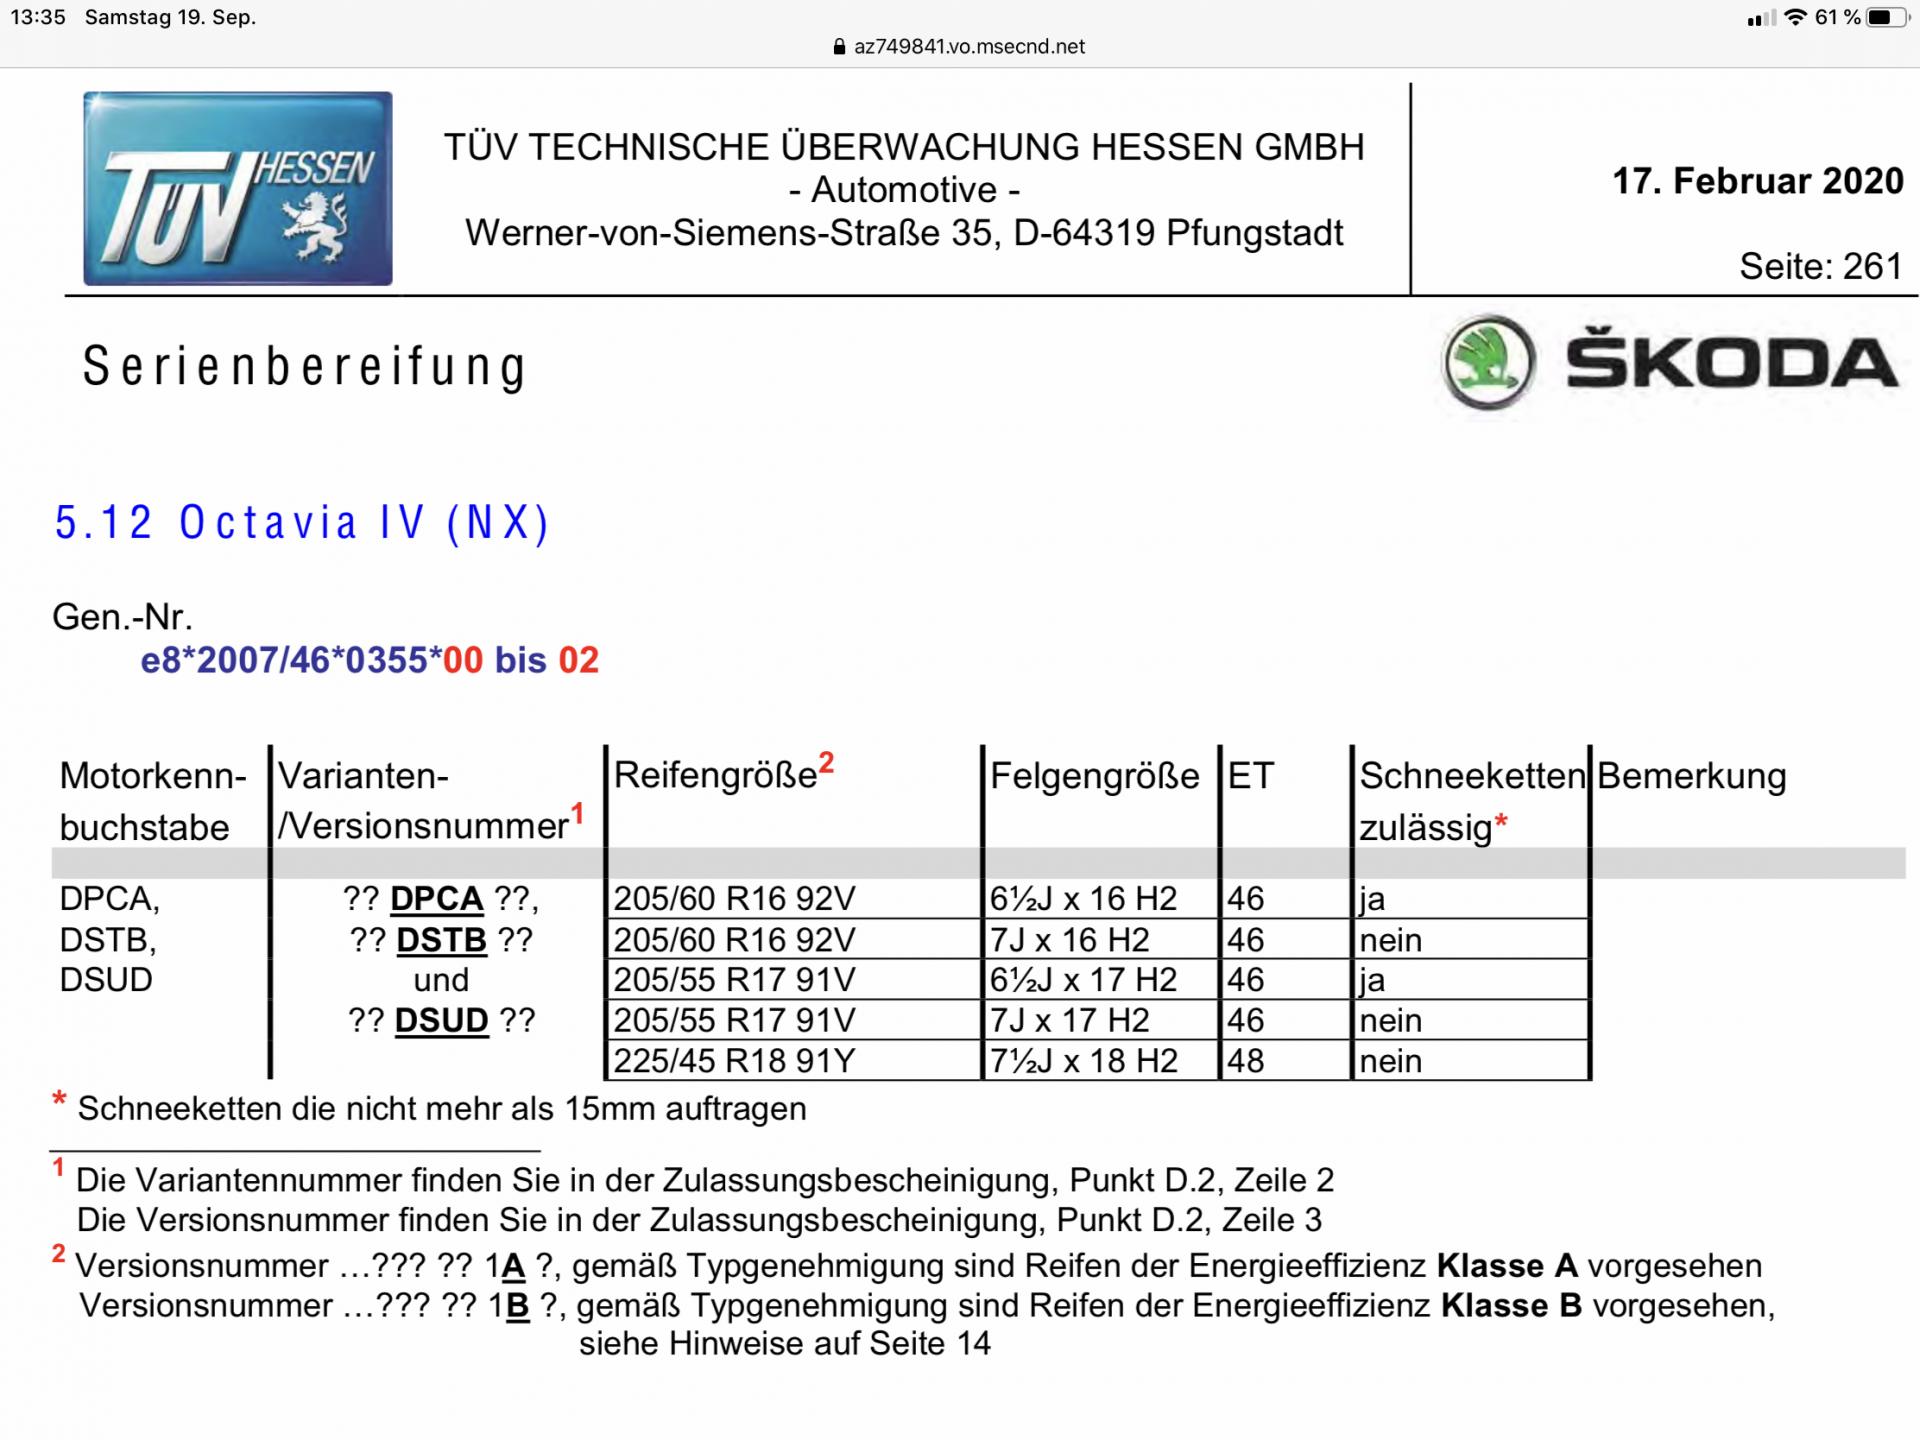 D9A13C9A-2EA9-4A39-86CC-8419EF5C6769.png